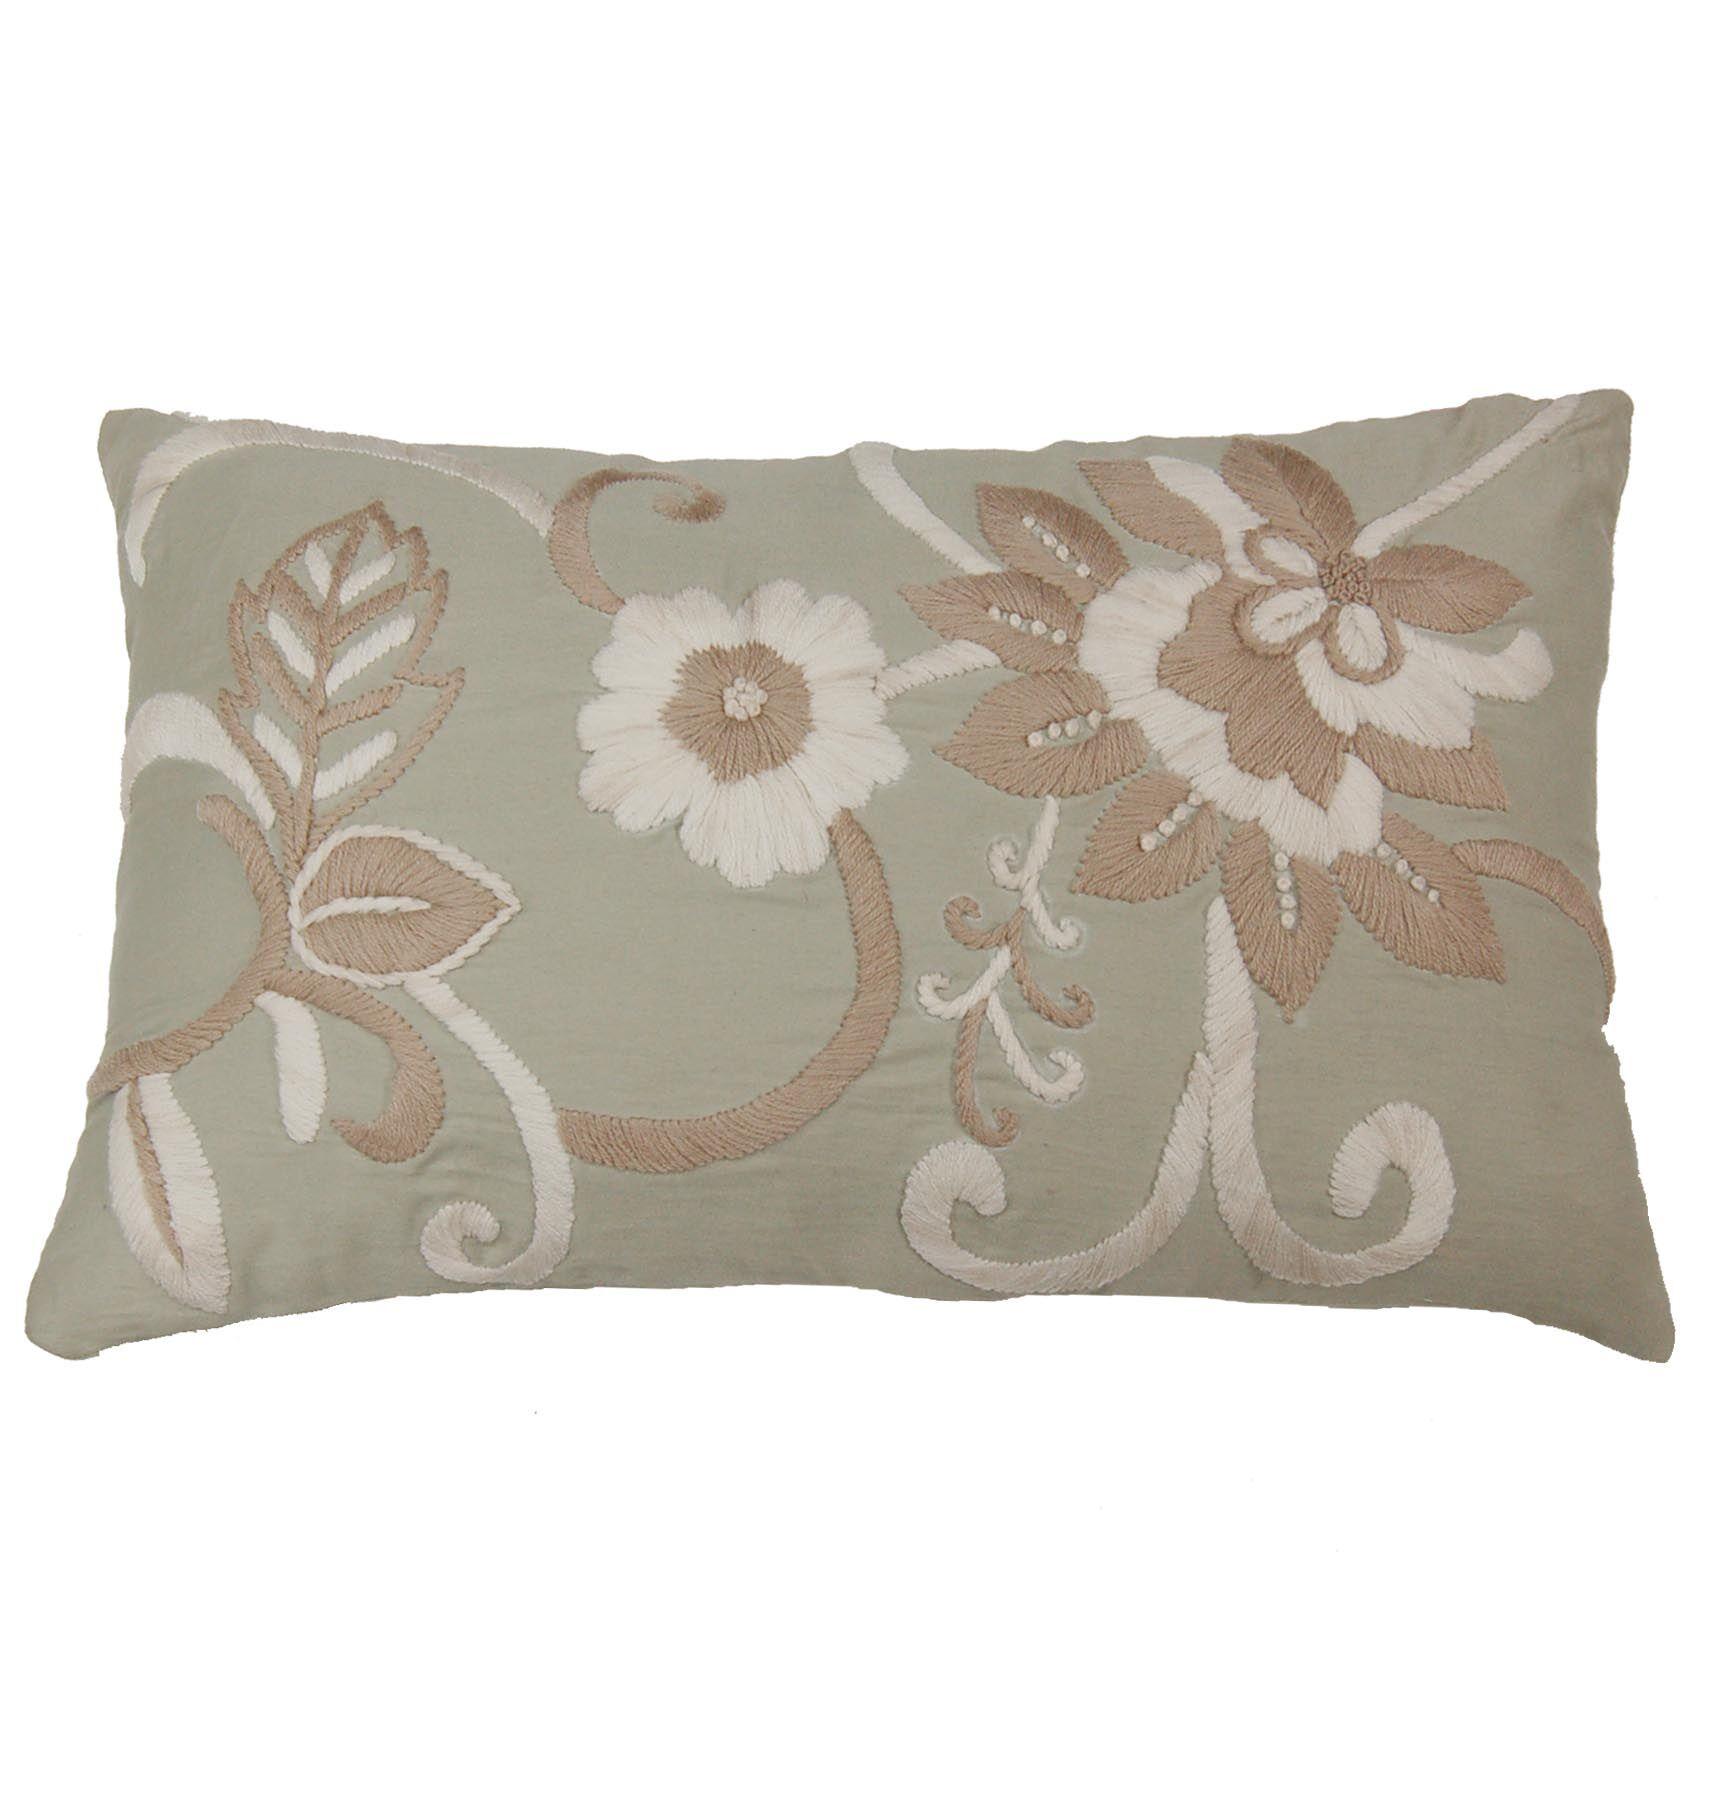 Hand Embroidery Lumbar Pillow